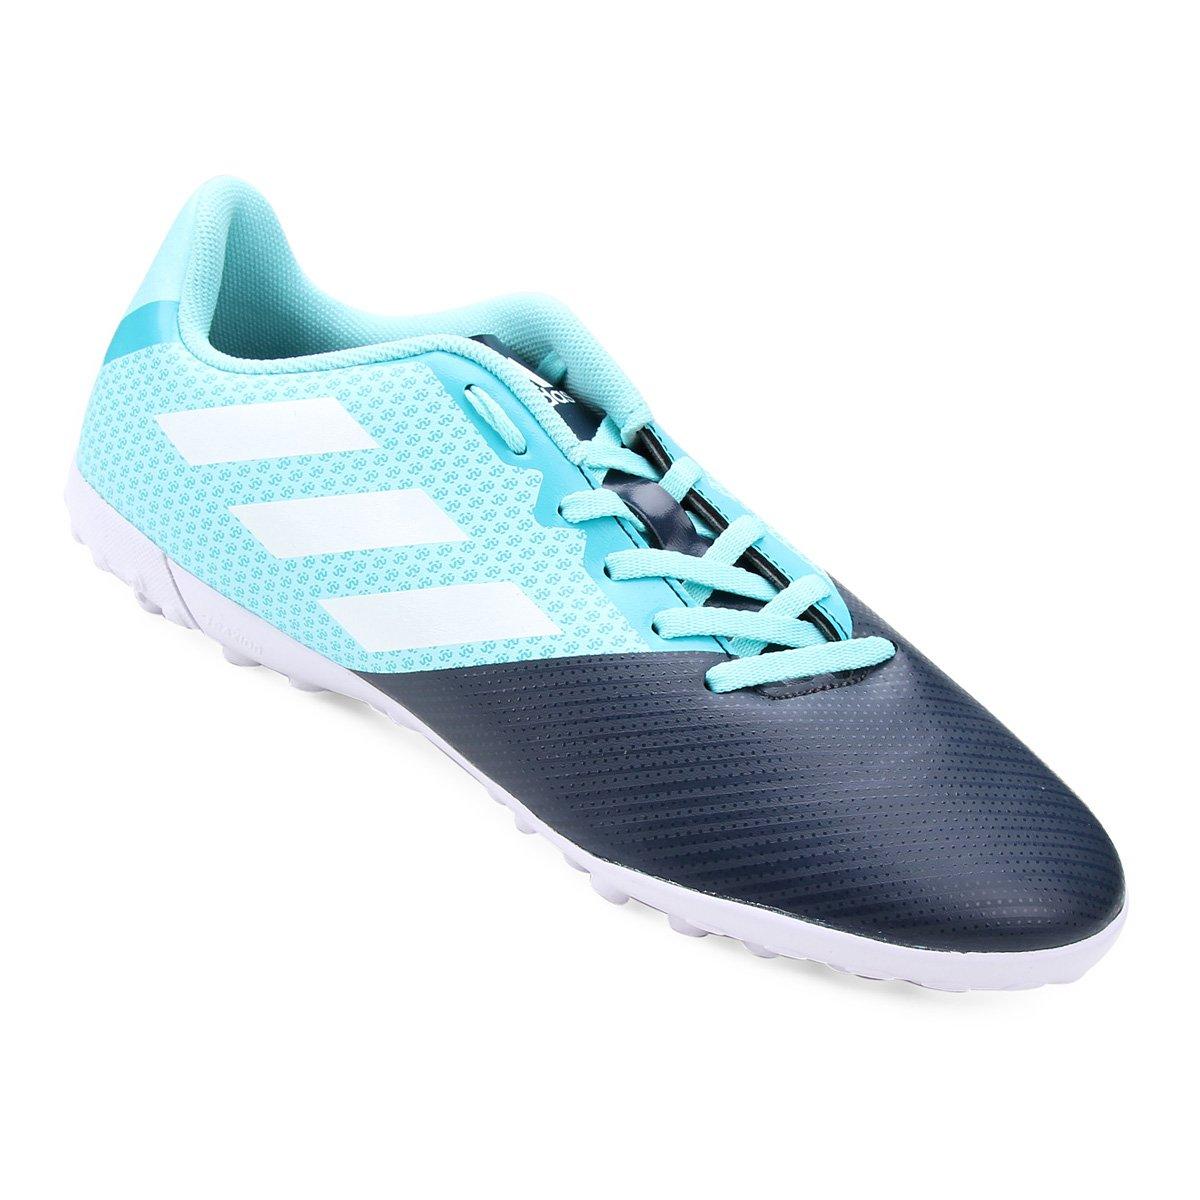 7d78204357 Chuteira Society Adidas Artilheira 17 TF